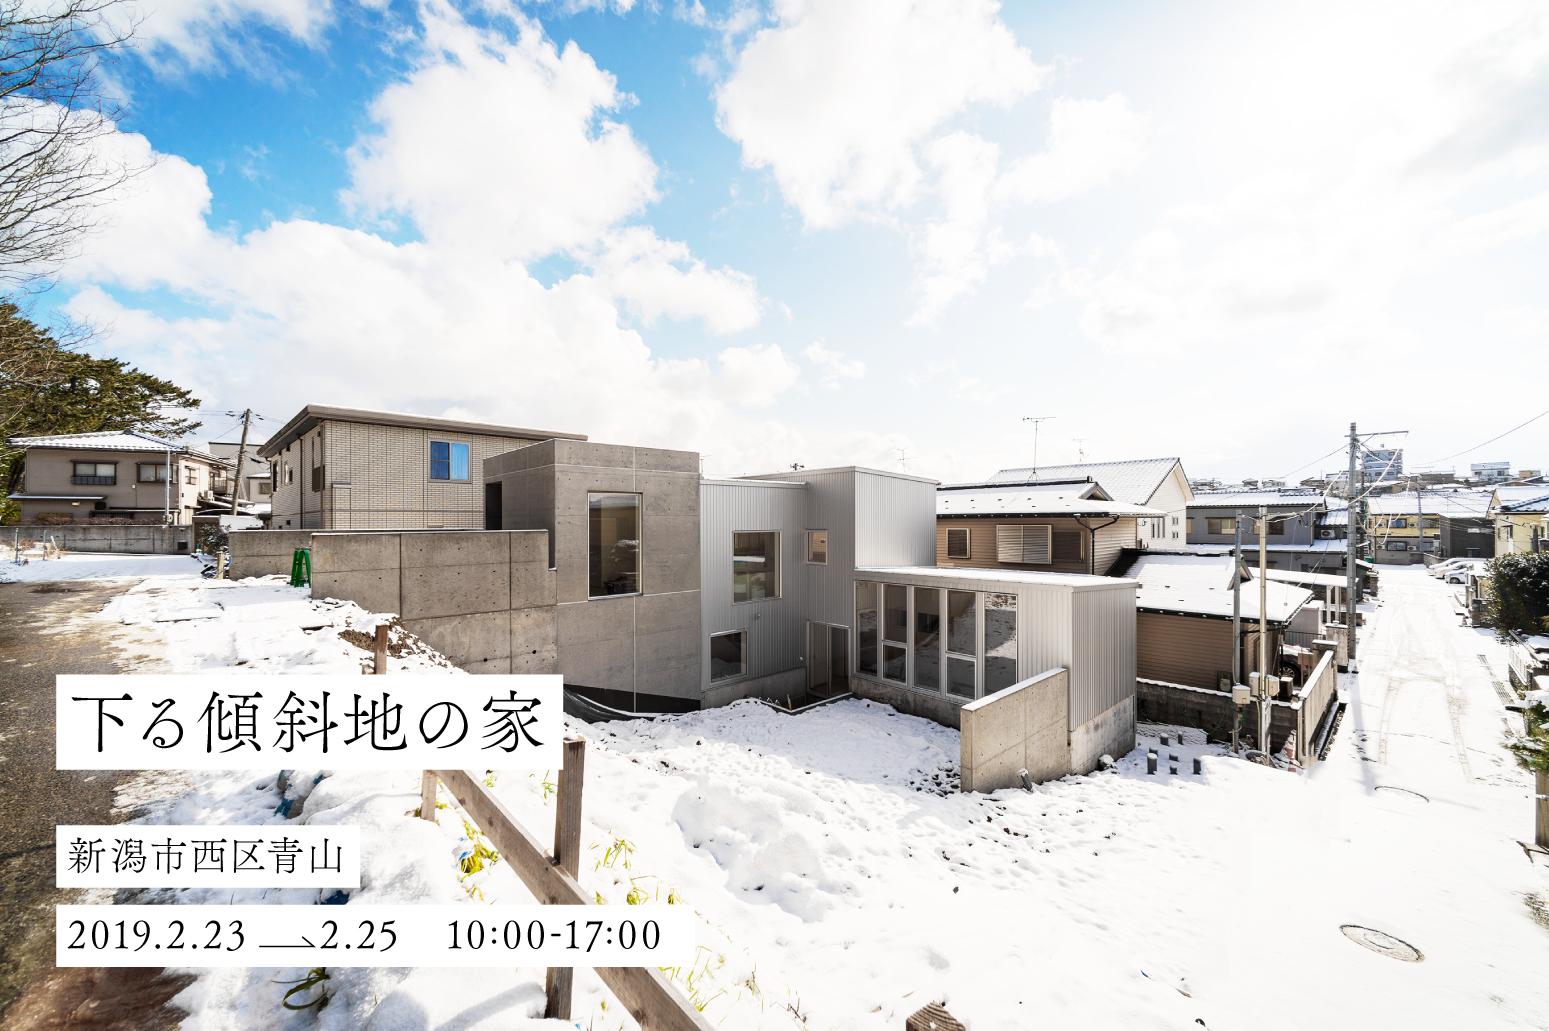 2月23日、2月24日、2月25日  新潟市西区青山オープンハウス